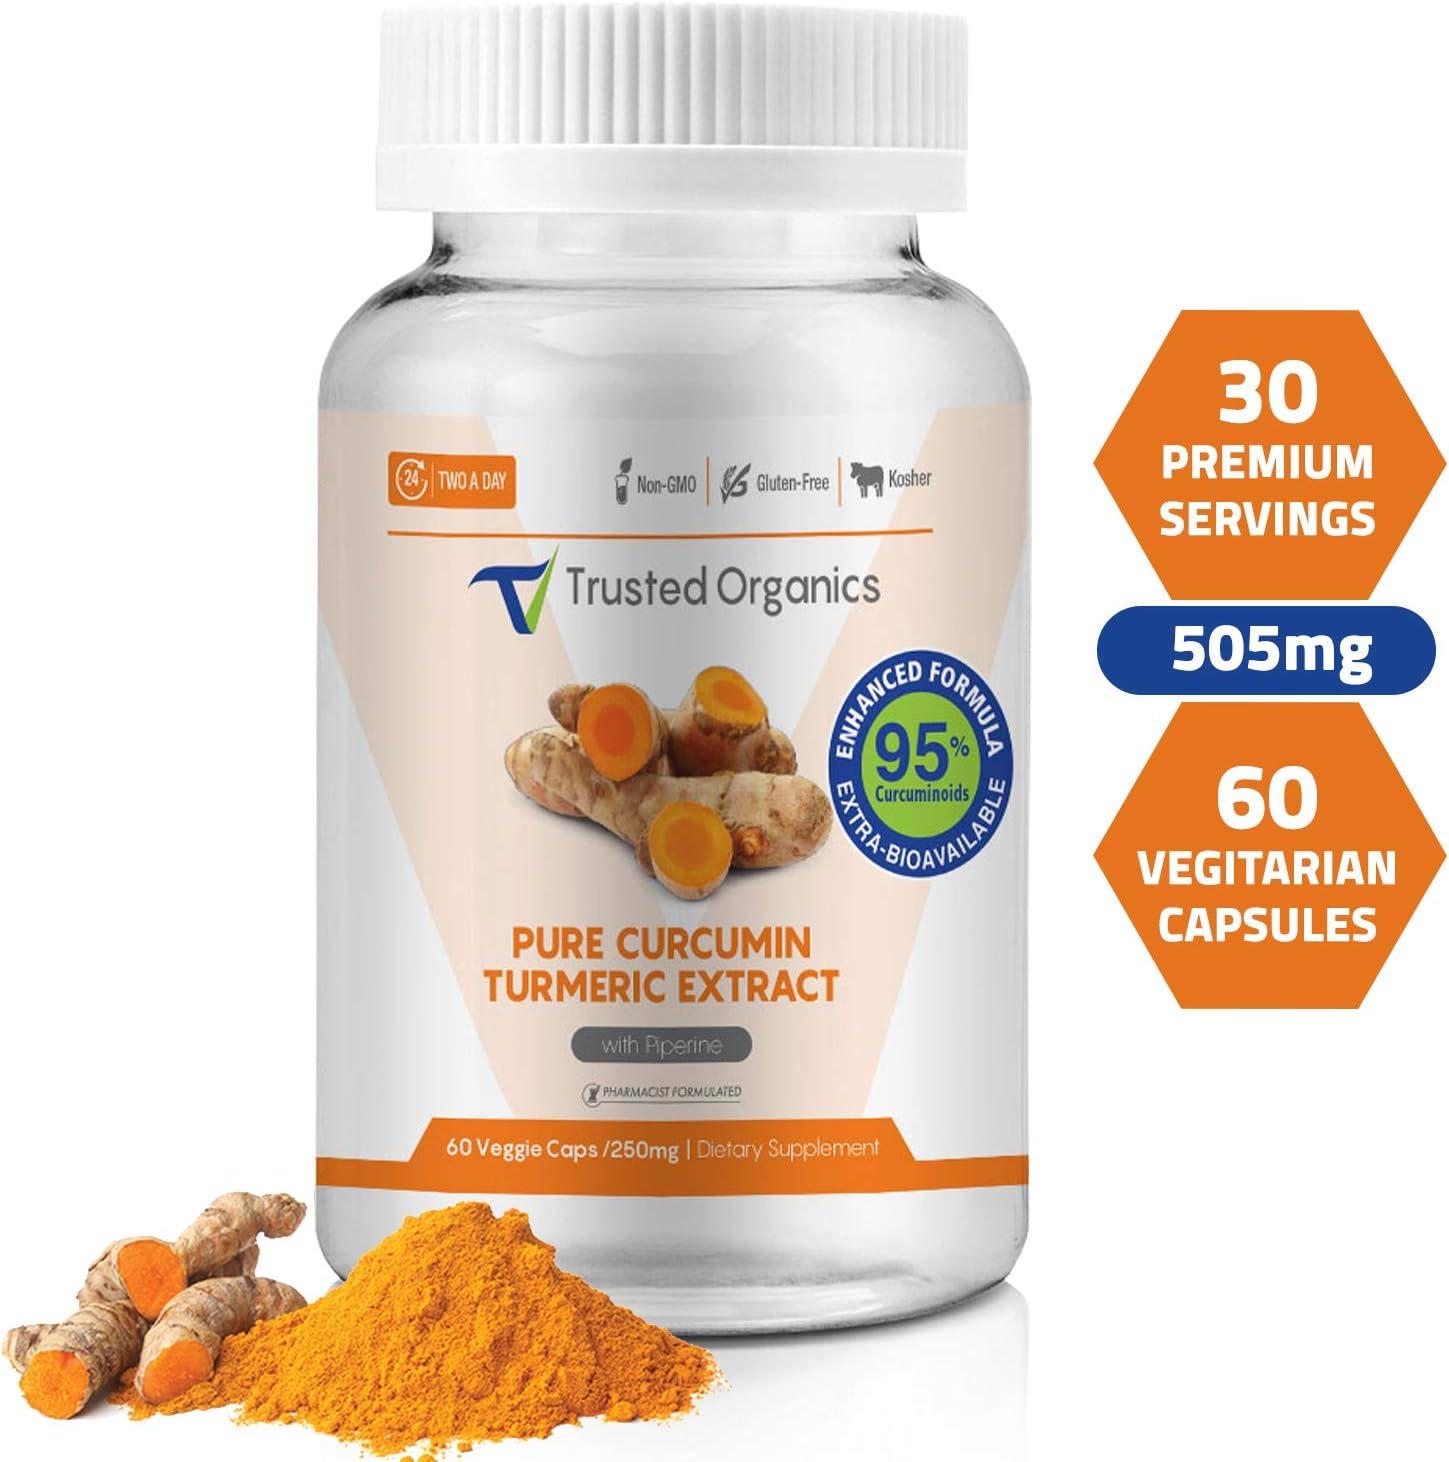 Trusted Organics Extrabioavailable Turmeric Curcumin Powder Capsules